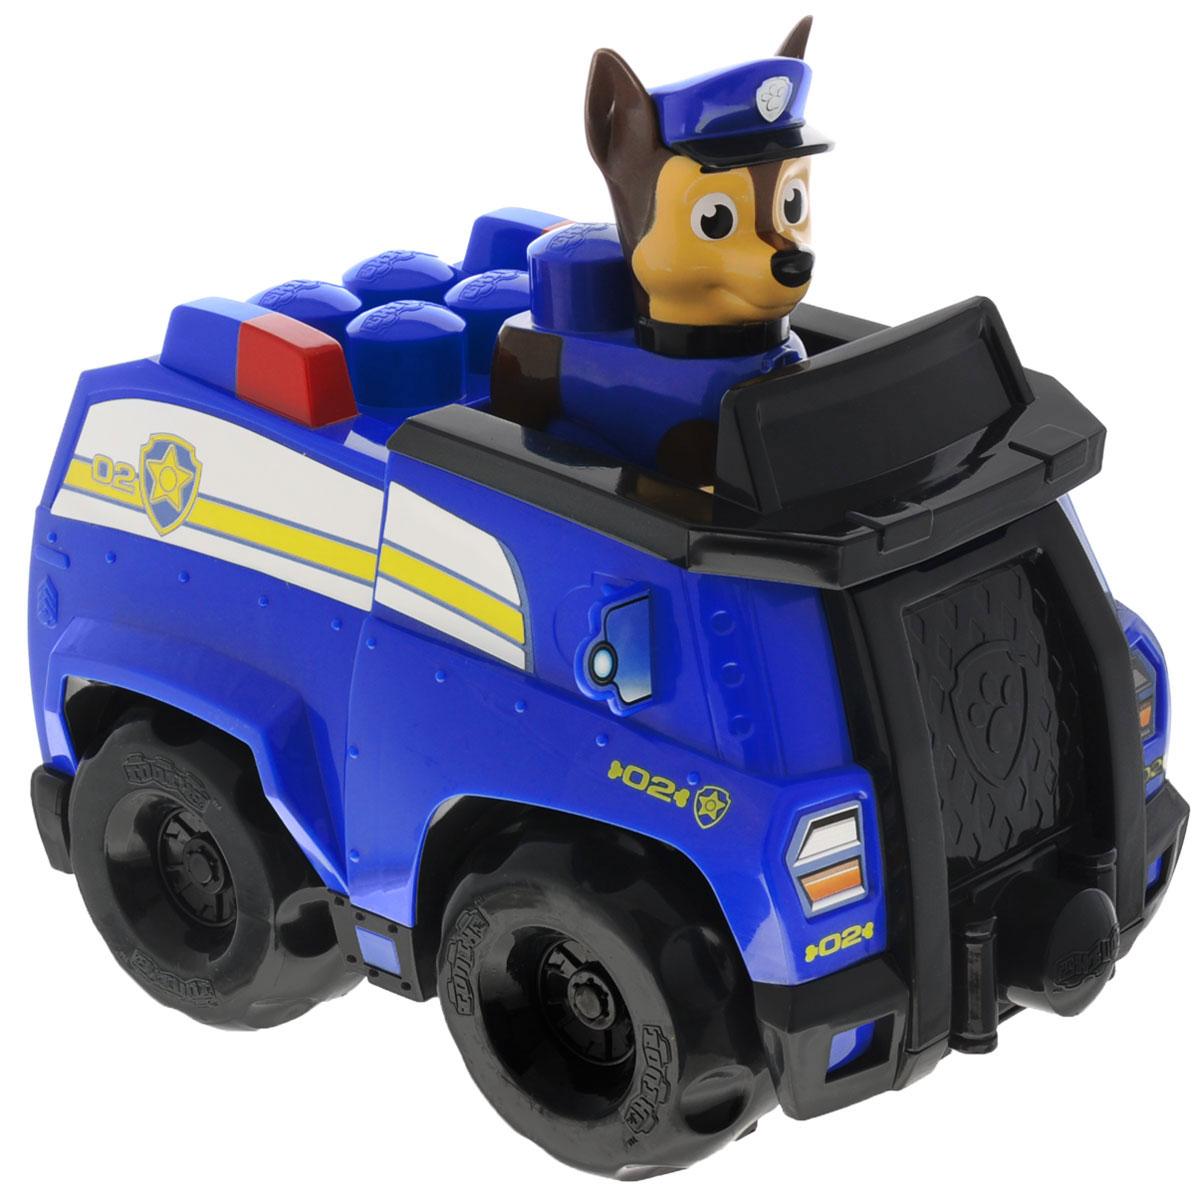 Paw Patrol Конструктор Полицейский патруль Чейза18304Конструктор Paw Patrol Полицейский патруль Чейза непременно порадует вашего малыша. Изготовлен из высококачественного пластика и абсолютно безвреден для малышей. В большую полицейскую машину можно посадить мини-фигурку немецкой овчарки Чейза. У машинки вращаются колеса, а внутрь можно убрать все детали набора. На капоте встроена настоящая лебедка, которая сделает игру еще более интересной и разнообразной. Набор включает в себя: машинку, фигурку Чейза и 9 элементов конструктора. С помощью такой игрушки ваш малыш научится соединять яркие большие кубики и начнет развивать фантазию. Порадуйте своего ребенка таким замечательным подарком!